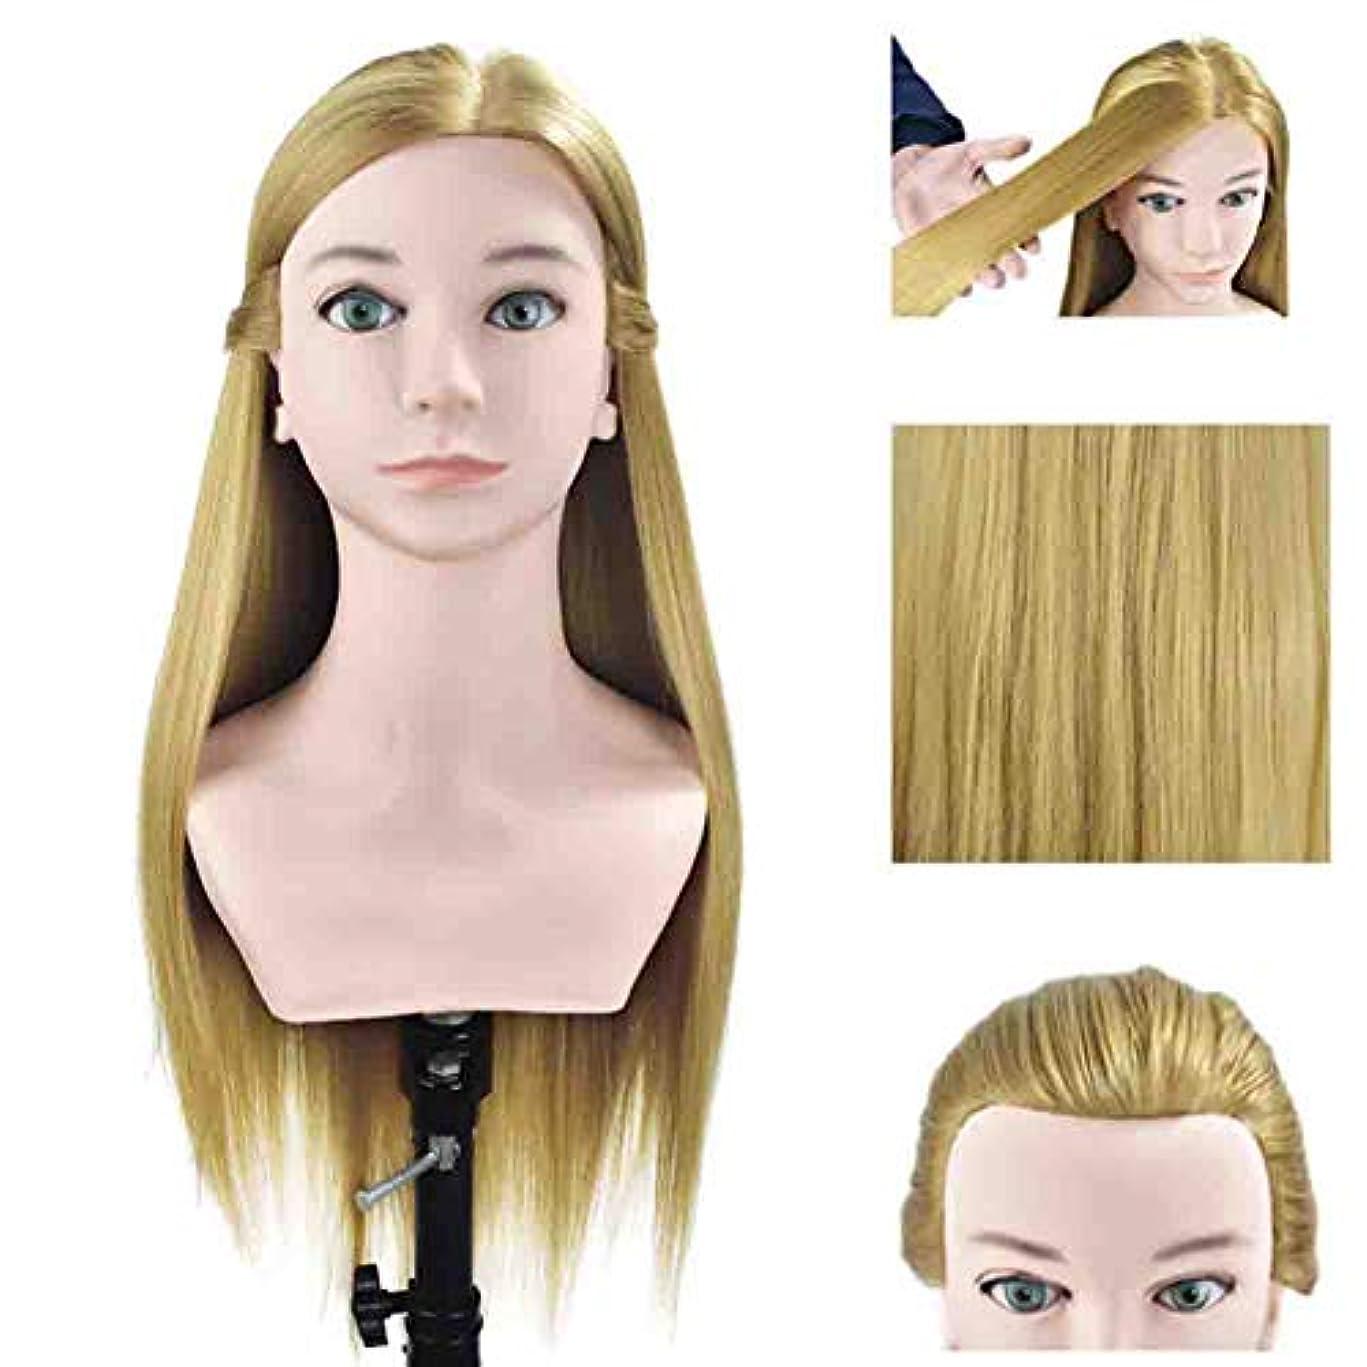 ラリーでもマンハッタン理髪店パーマ髪染め練習かつらヘッドモデルリアルヘアマネキンヘッド化粧散髪練習ダミーヘッド